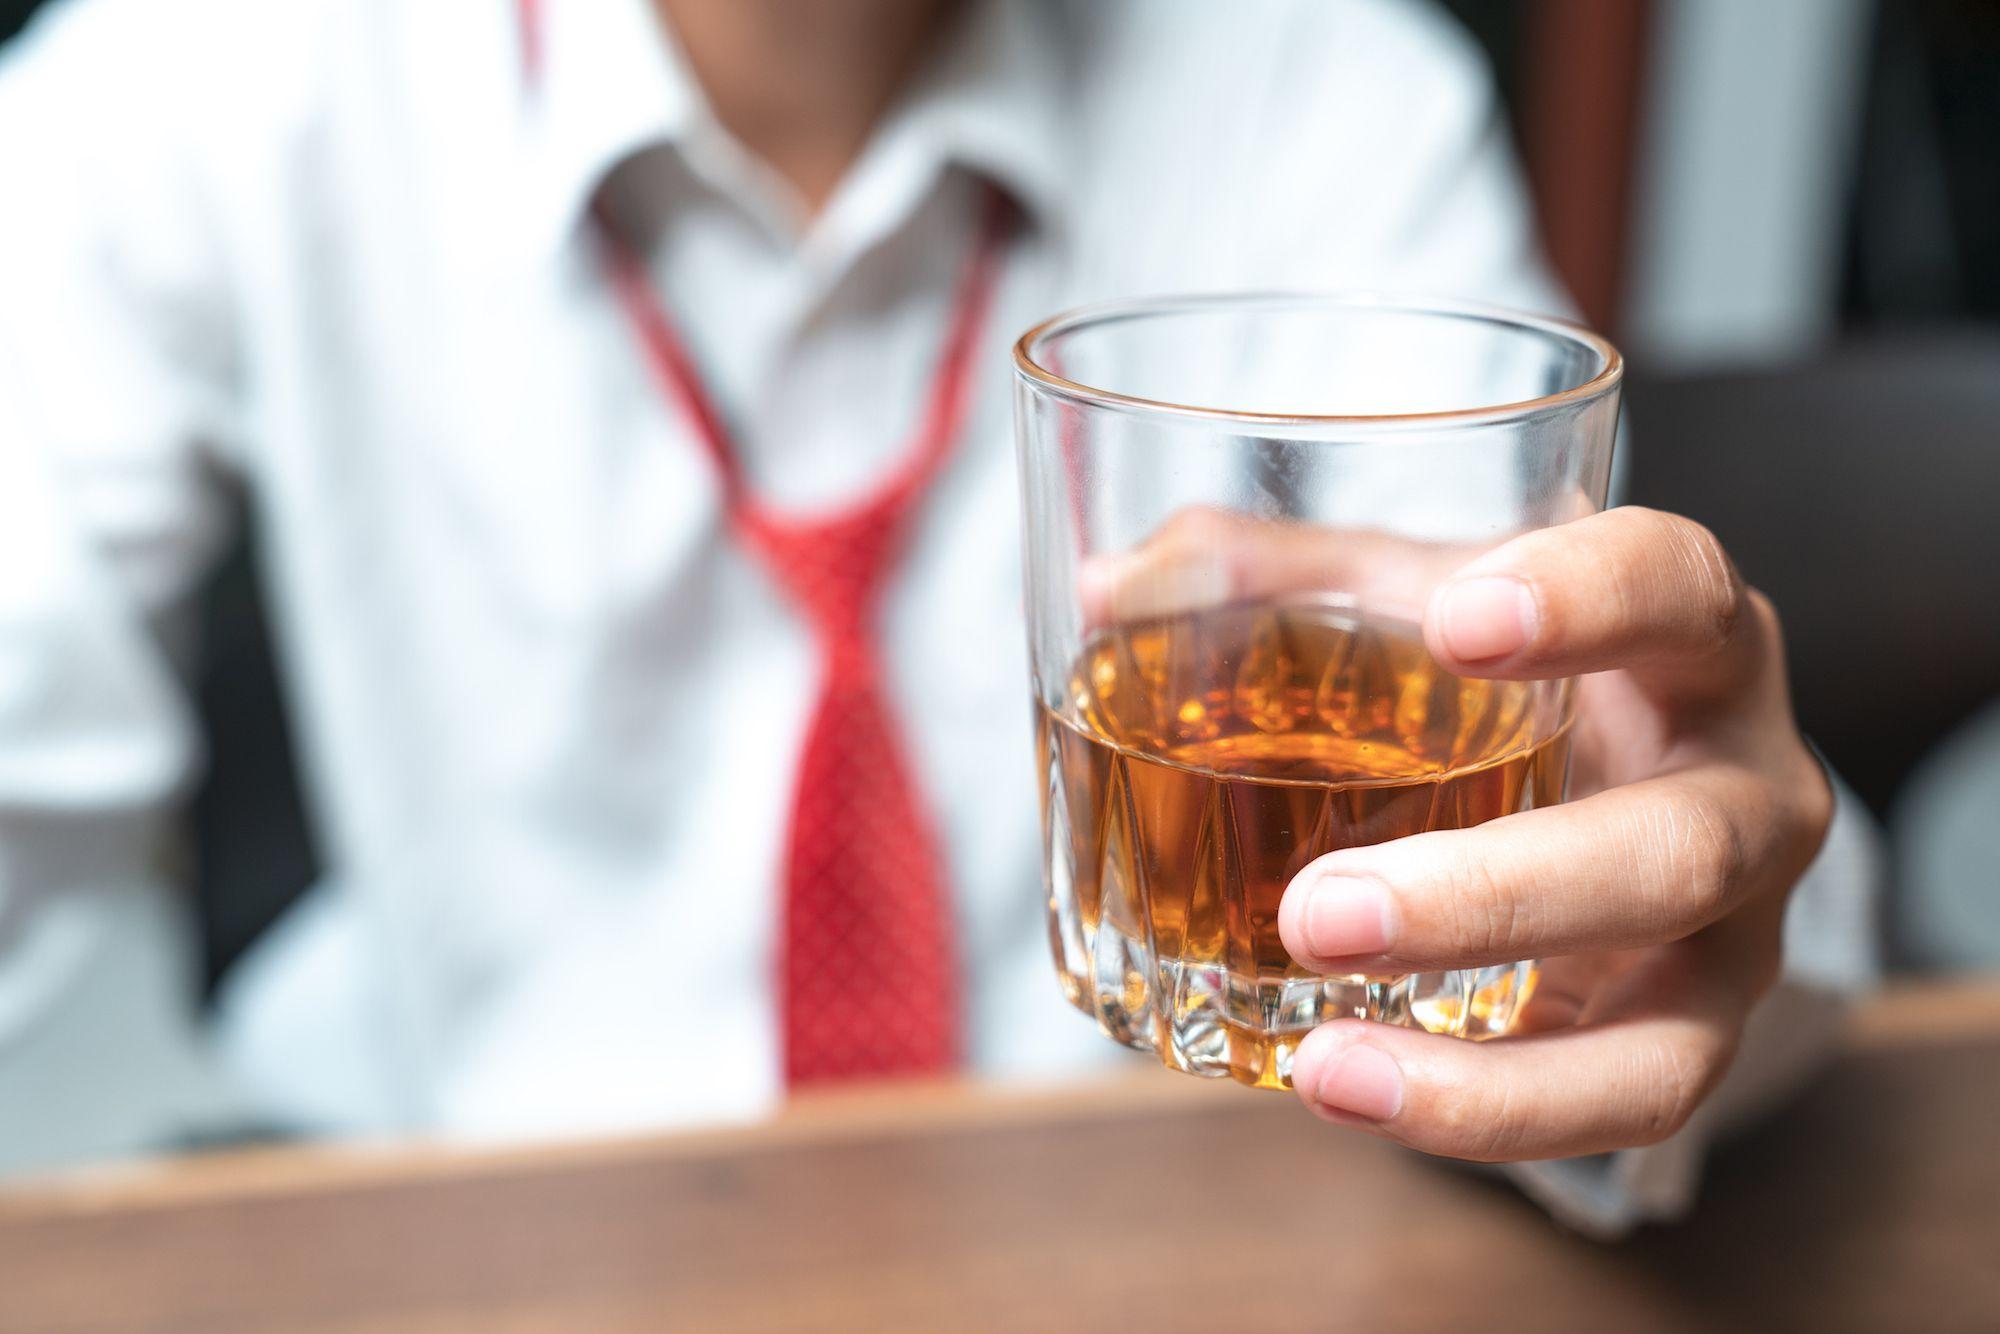 Питье для снятия стресса может усугубить проблему